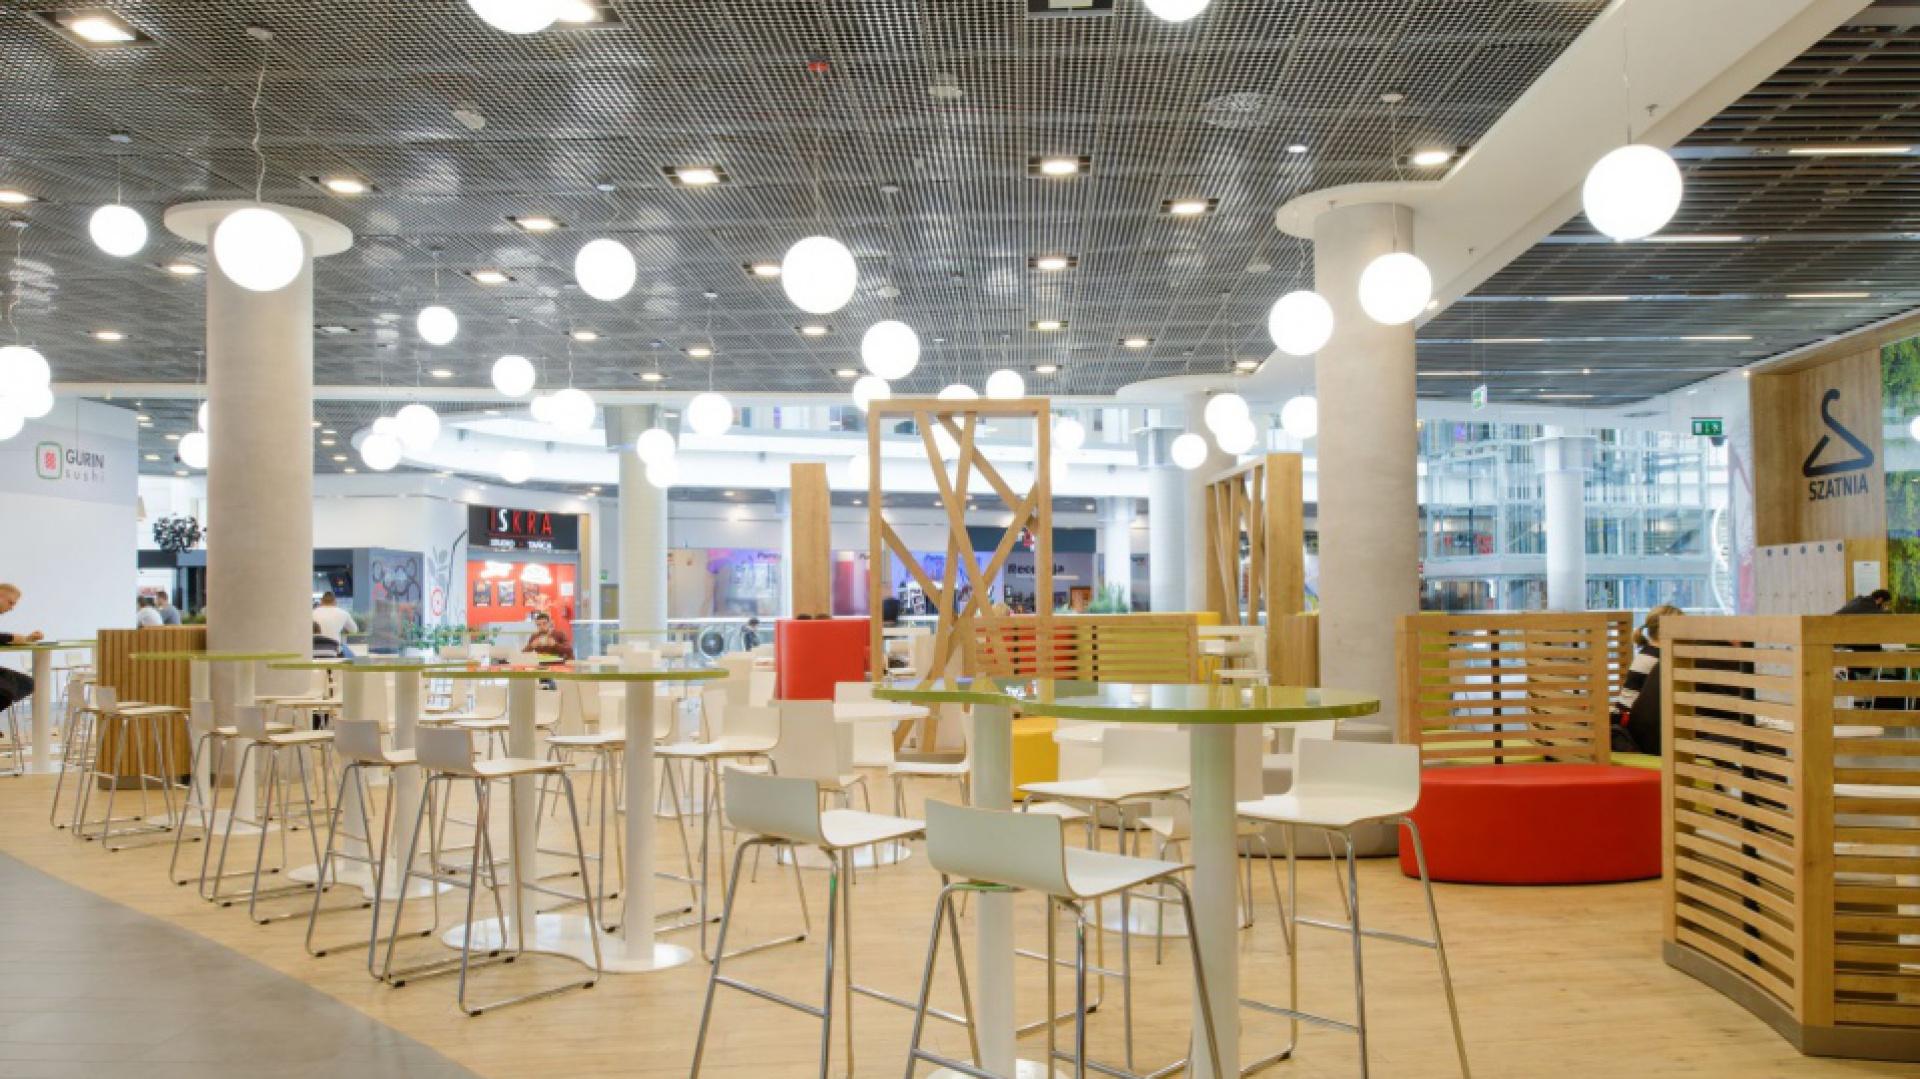 8ed6ca66bcaf1 Centrum handlowe Agora Bytom przeszło renowacje: zobaczcie jak ...